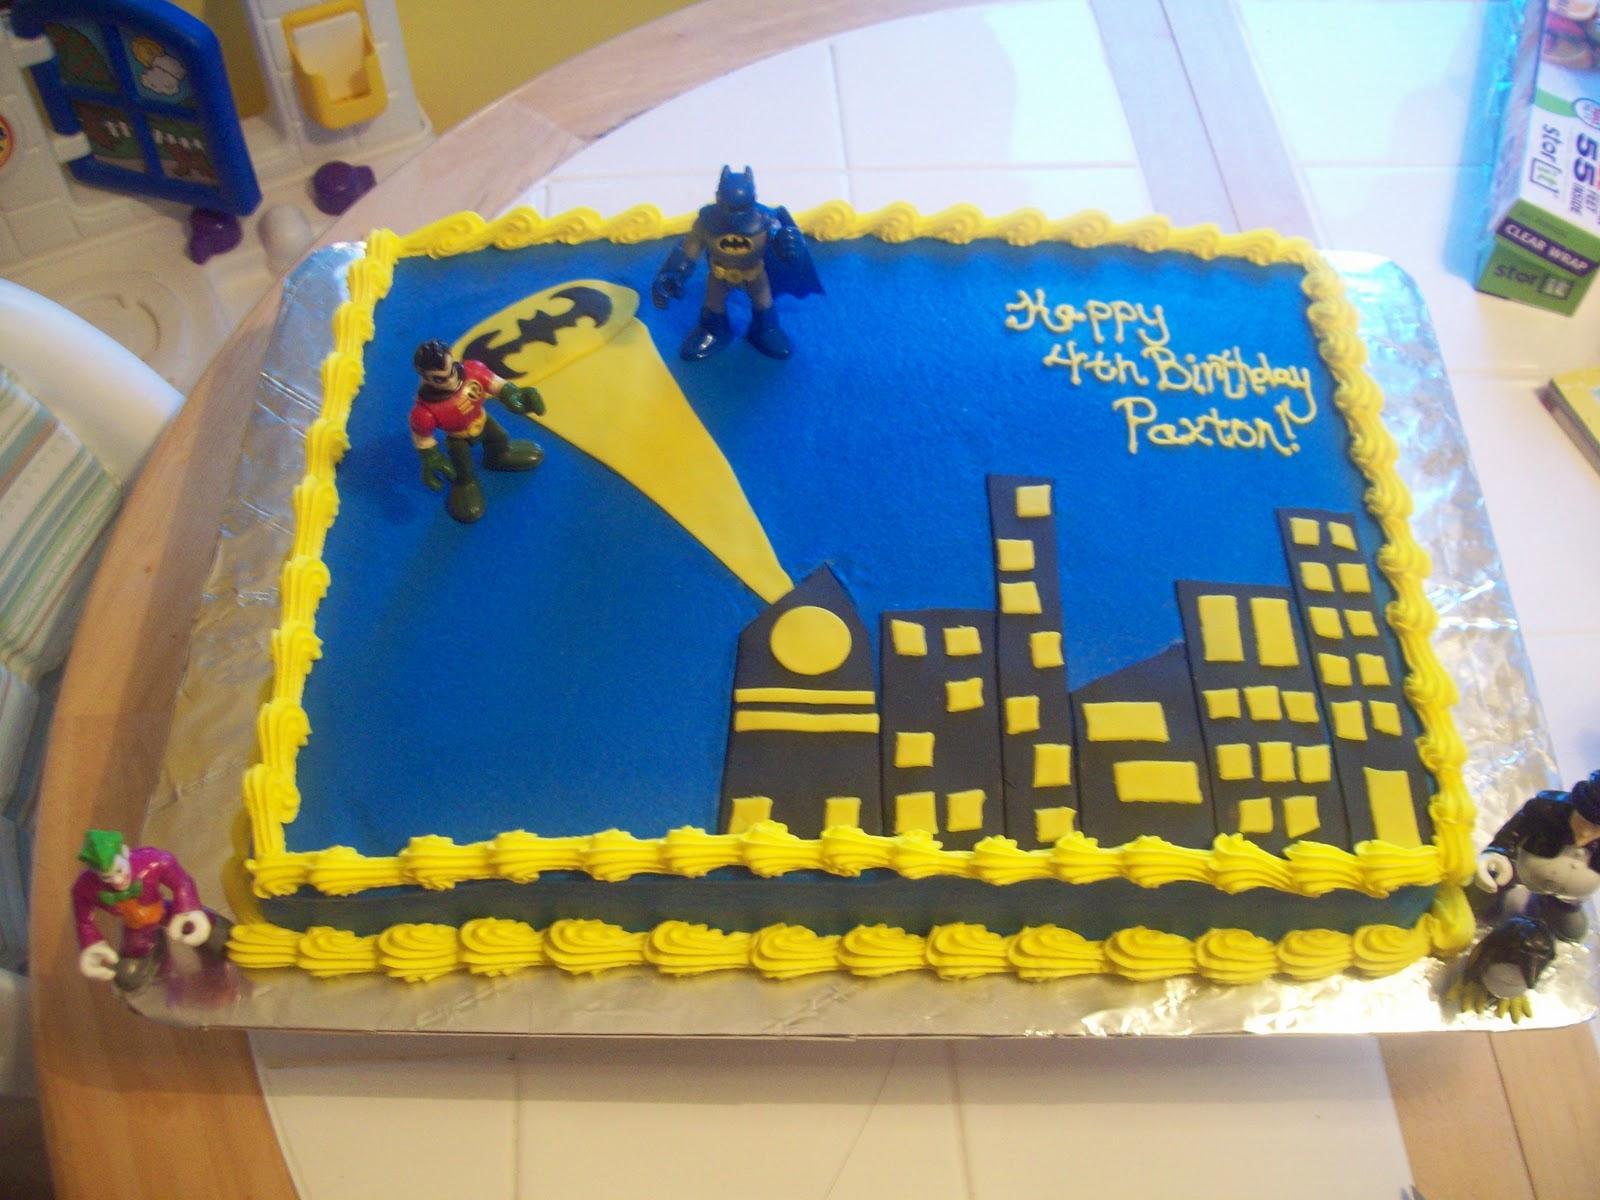 Lego Batman Cake Design : BB Cakes: Batman cake